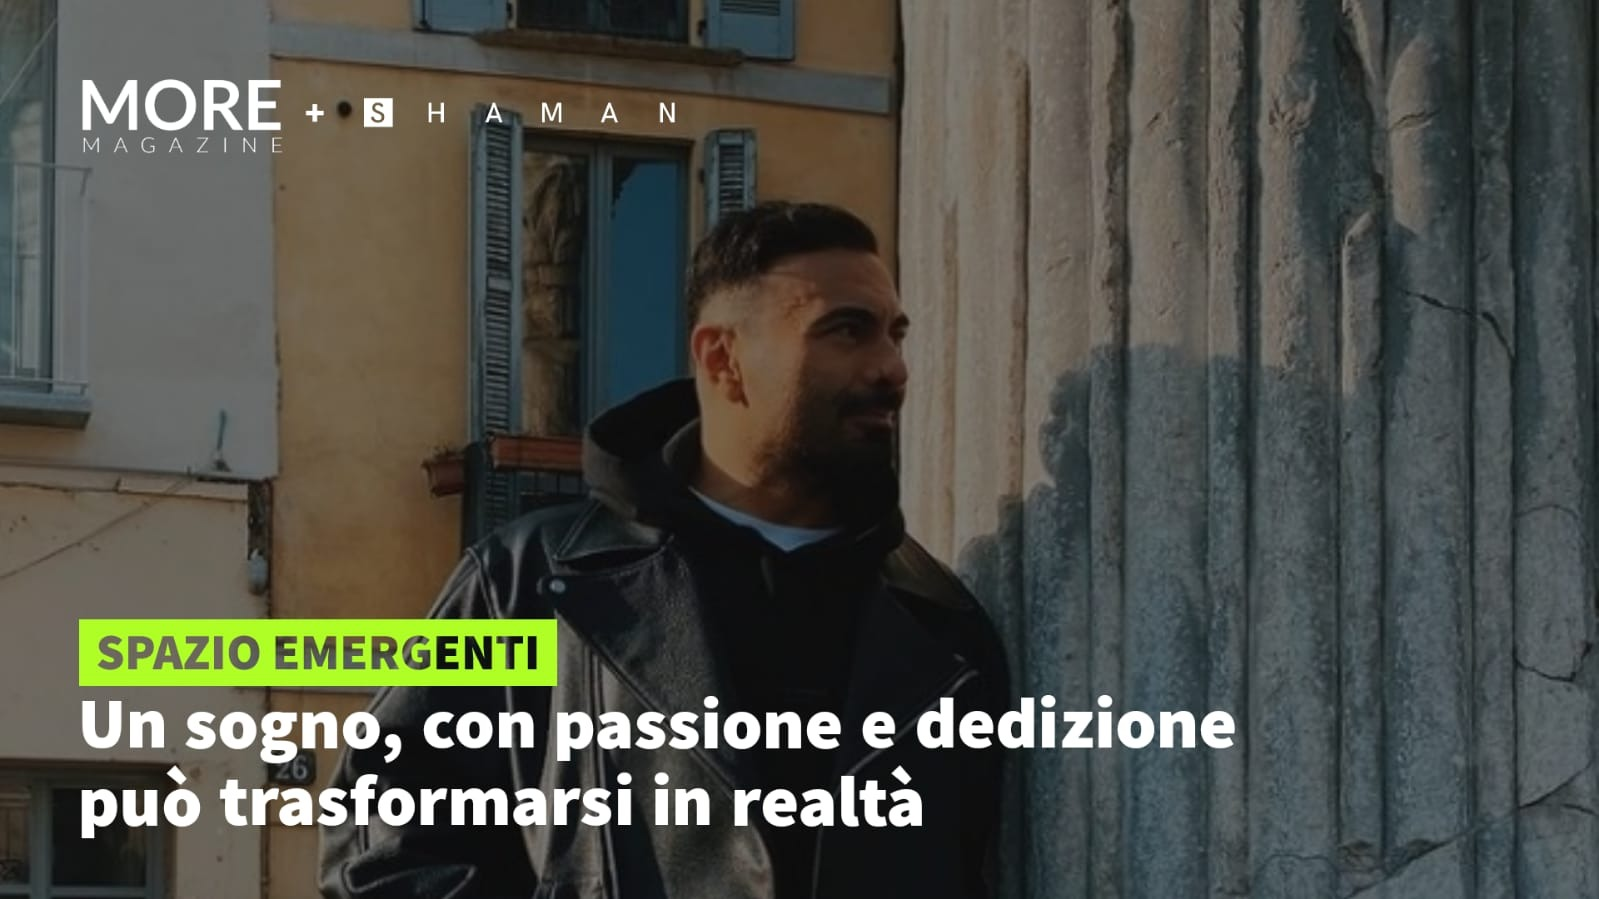 Un sogno, con passione e dedizione può trasformarsi in realtà